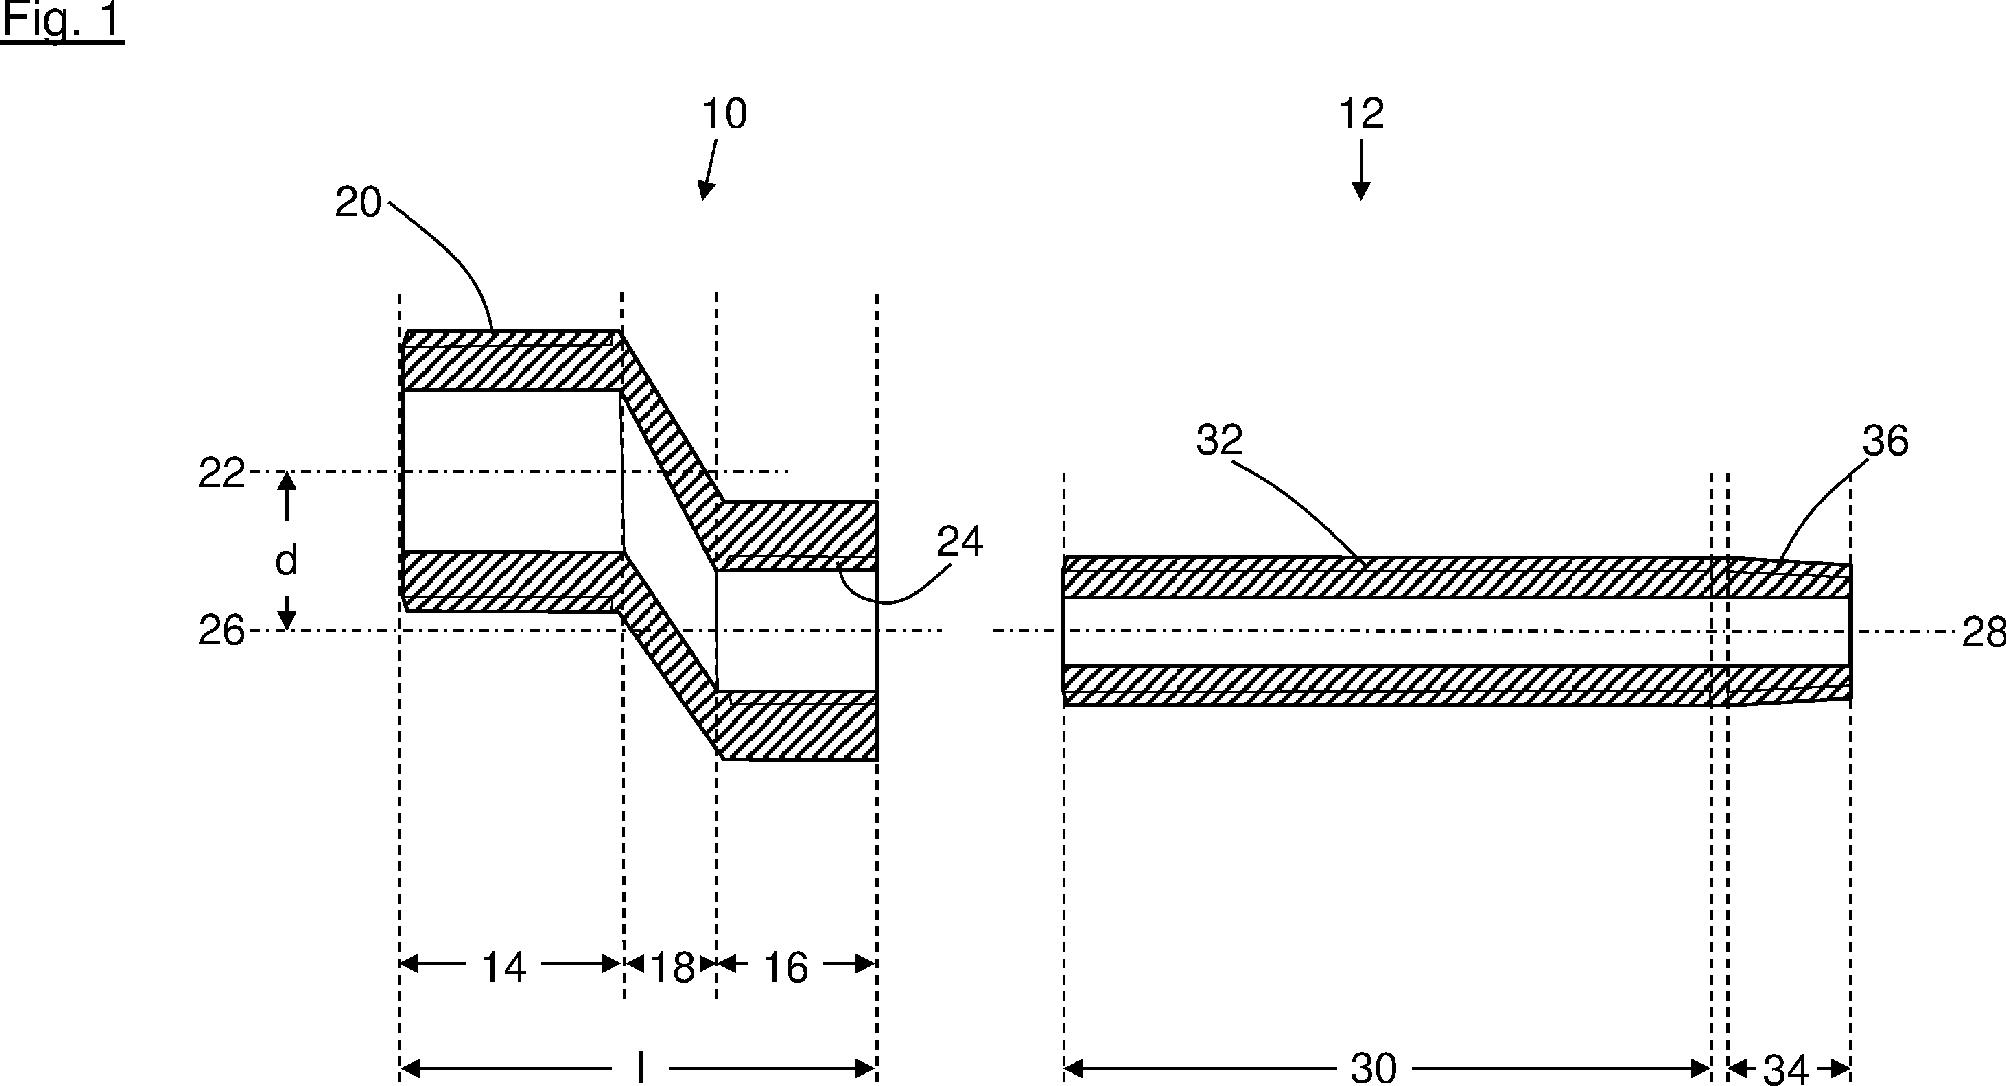 patent de202015102160u1 s anschluss zum anschlie en einer armatur an eine wasserleitung. Black Bedroom Furniture Sets. Home Design Ideas